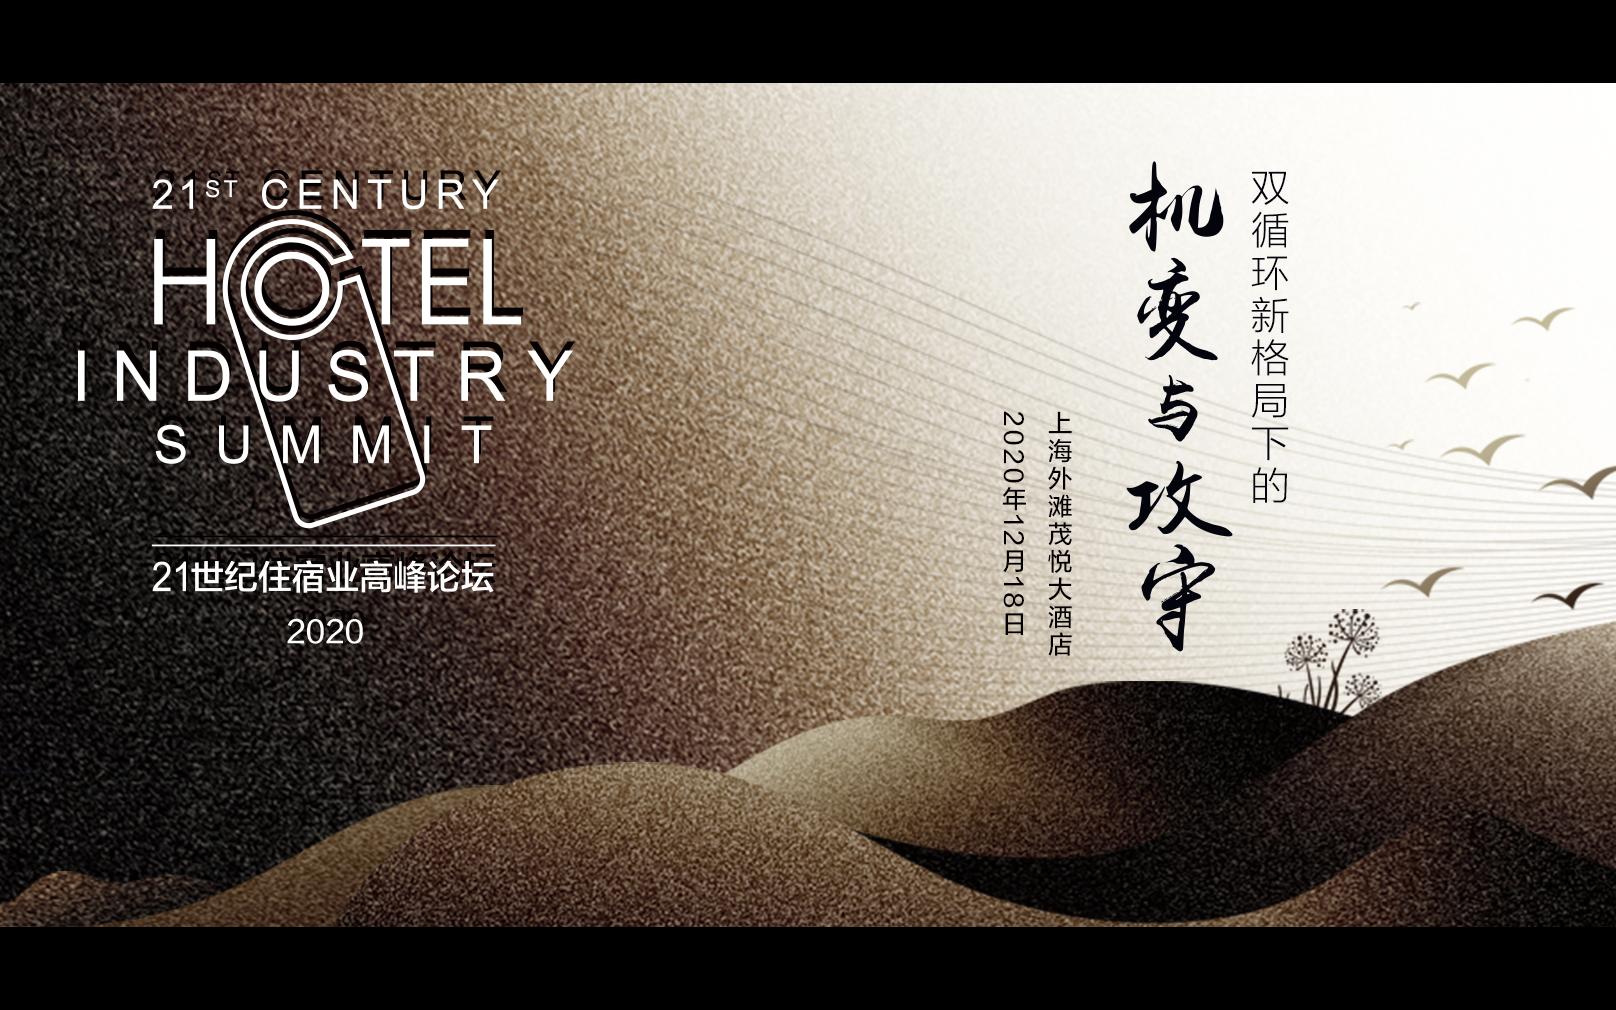 21世纪住宿业高峰论坛(2020) 暨2020(第十七届)中国酒店「金枕头」奖颁奖典礼